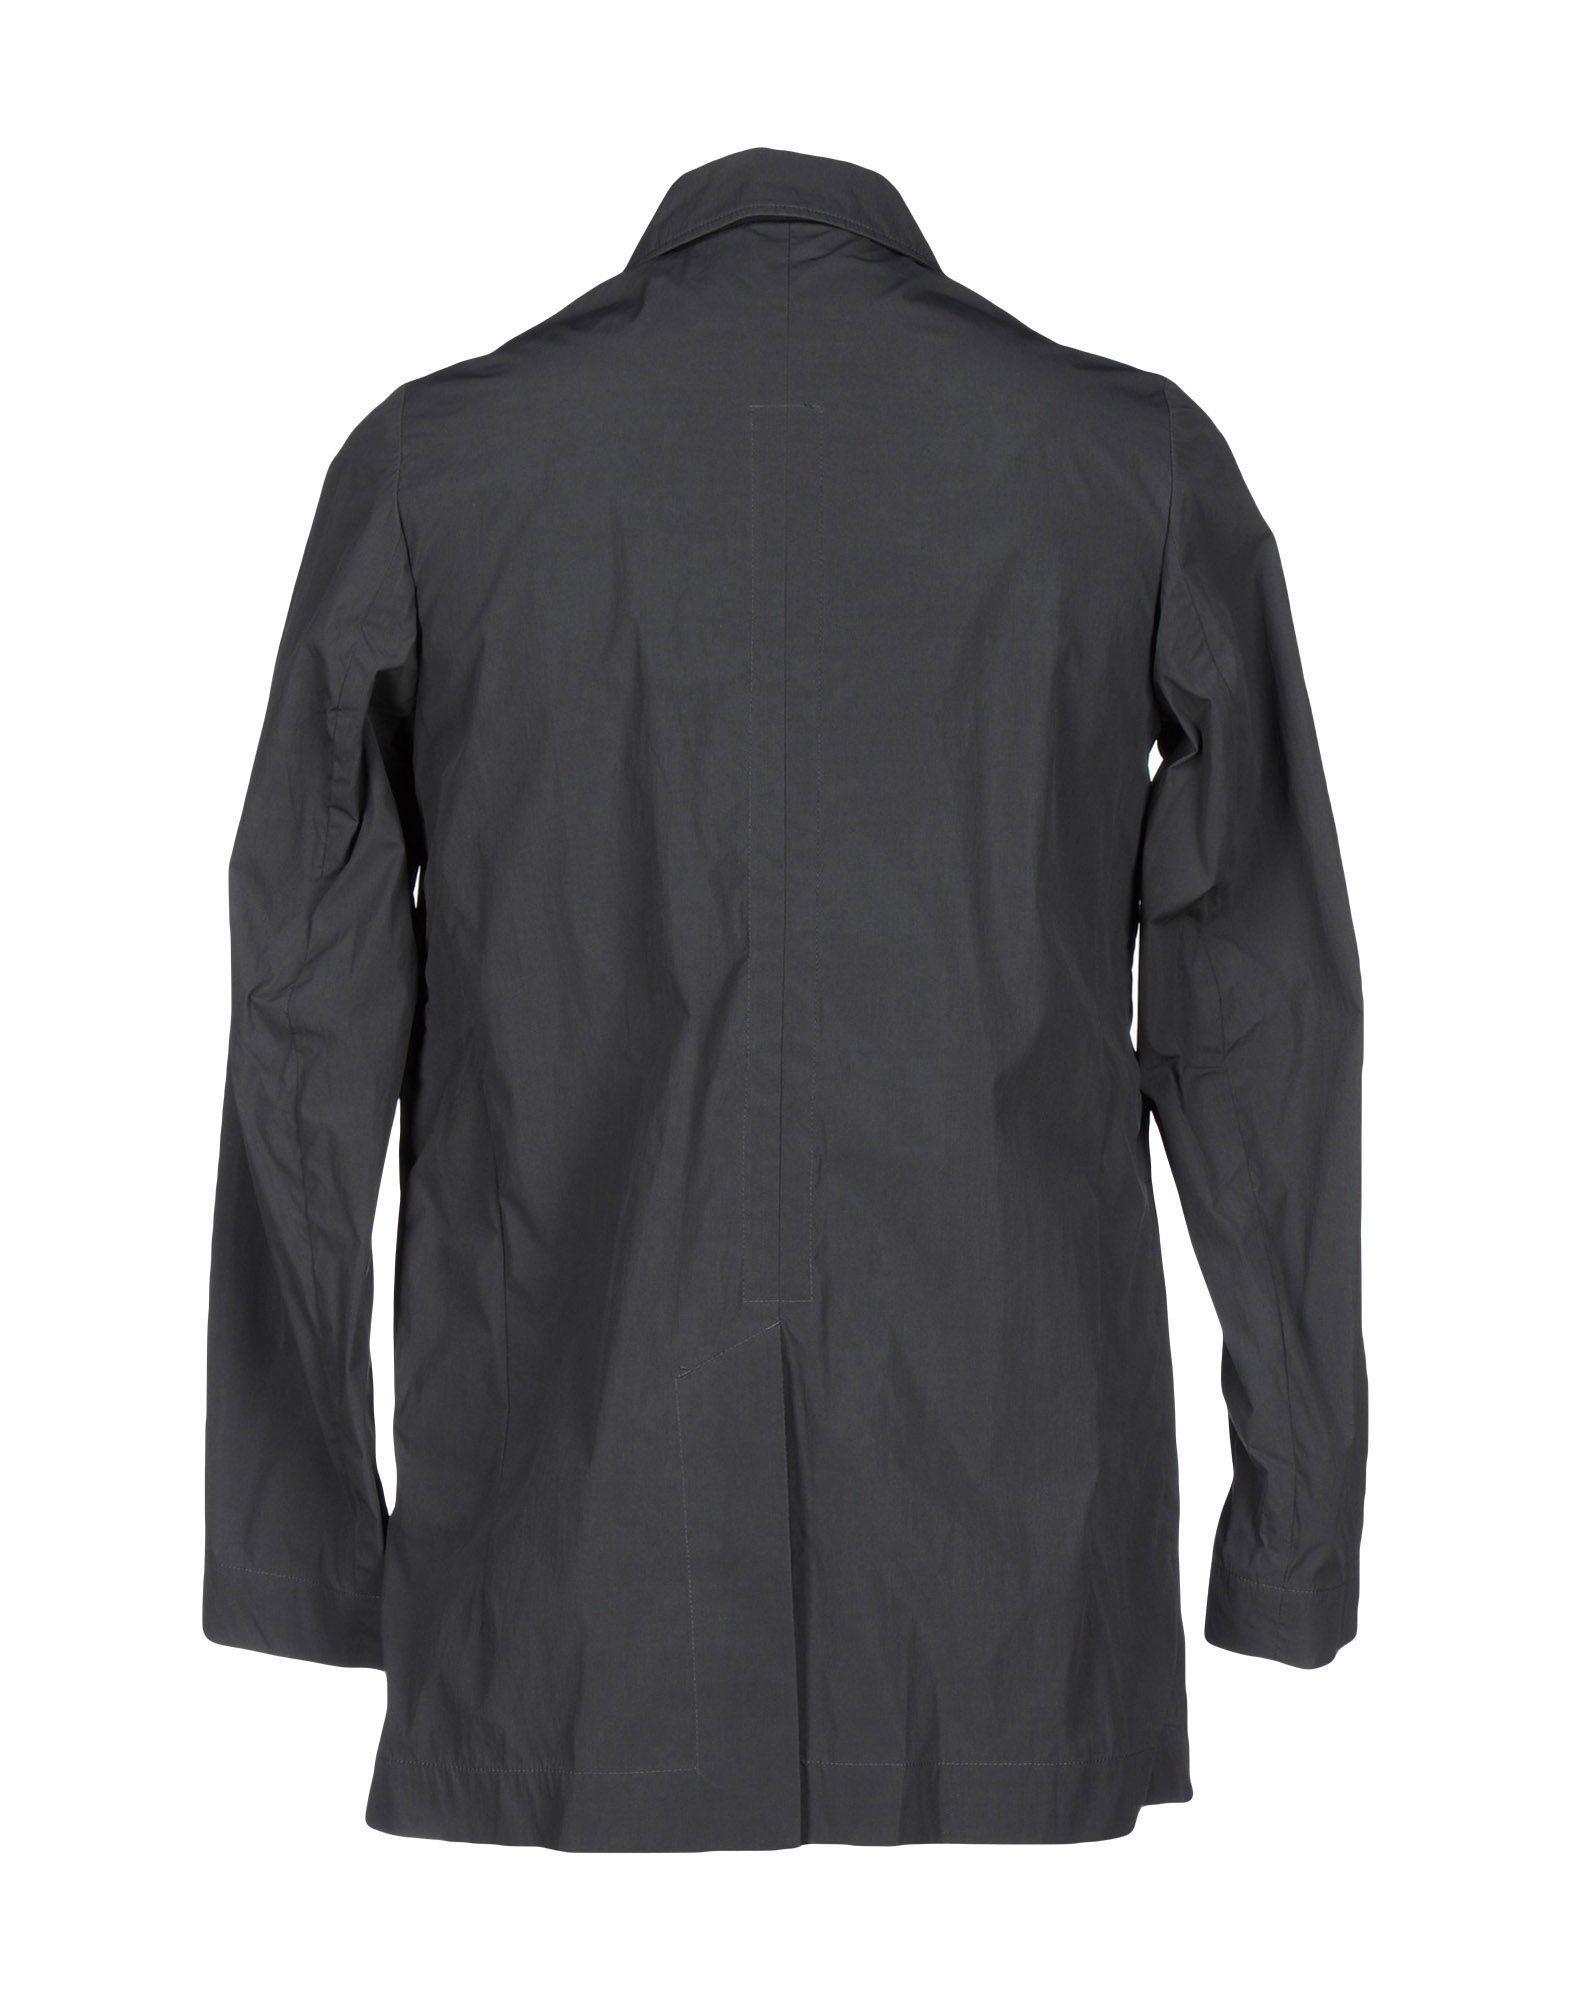 Folk Synthetic Jacket in Lead (Grey) for Men